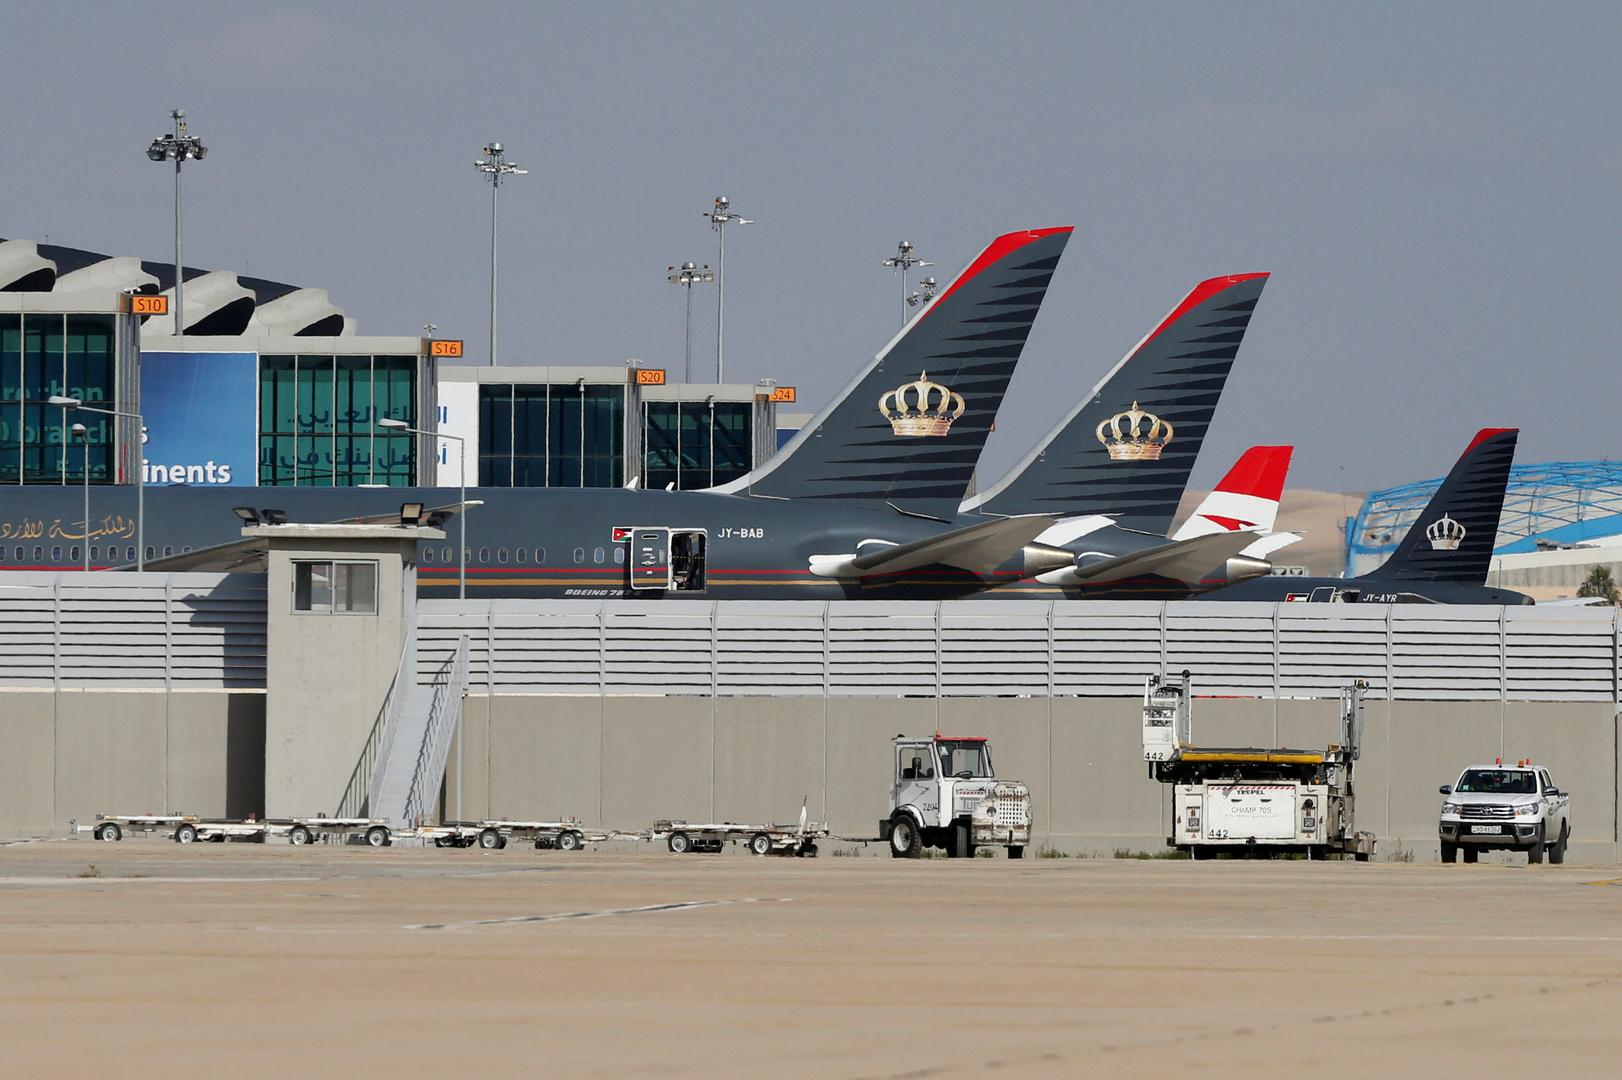 وزارة النقل الأردنية توضح.. الملكية ستسير رحلات برية مع دمشق